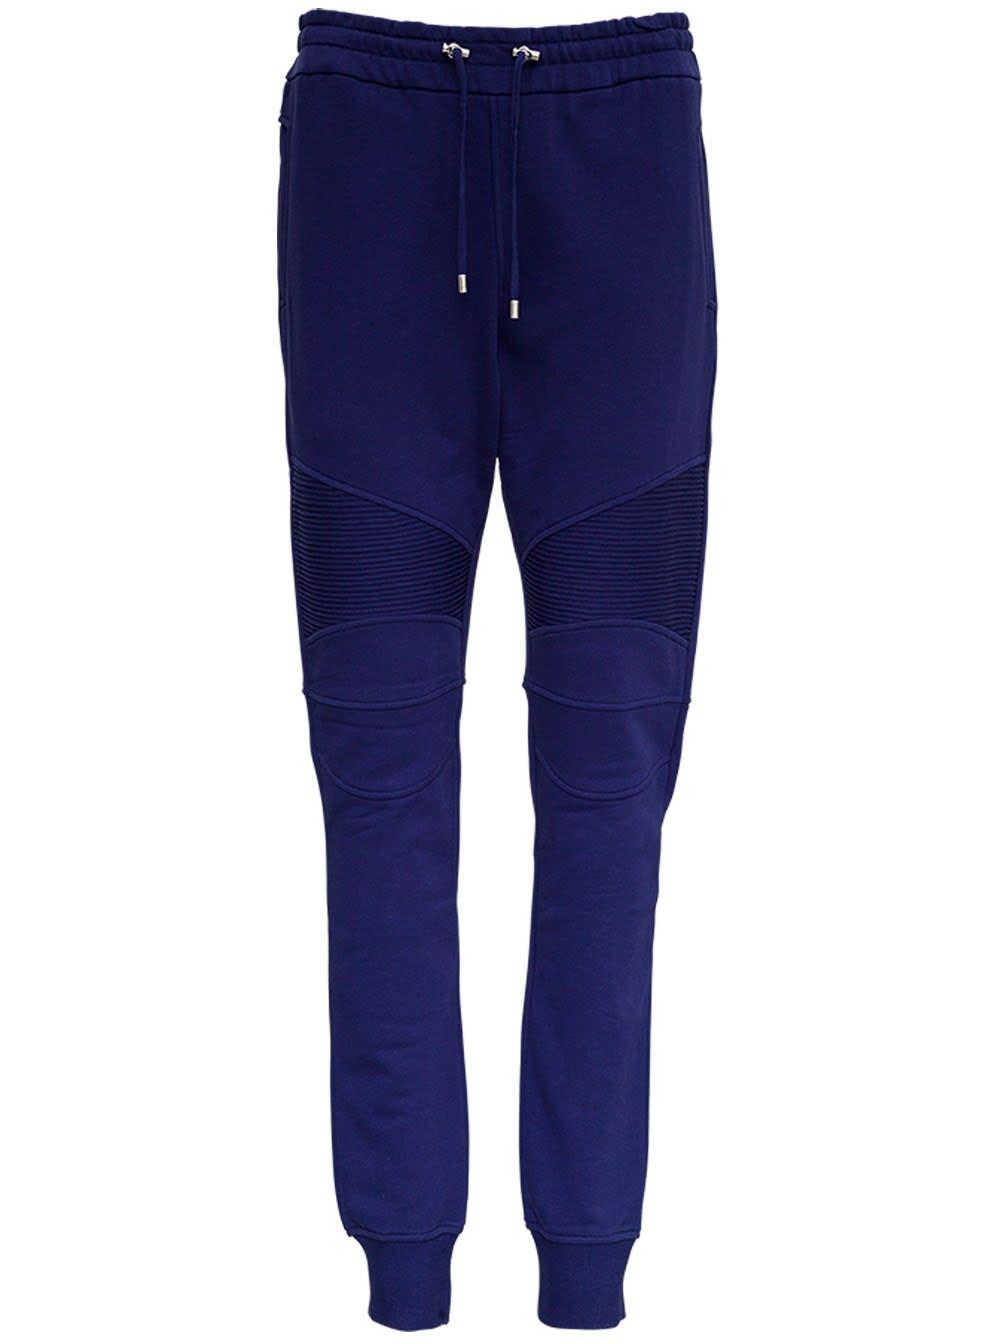 Balmain Blue Jersey Pants